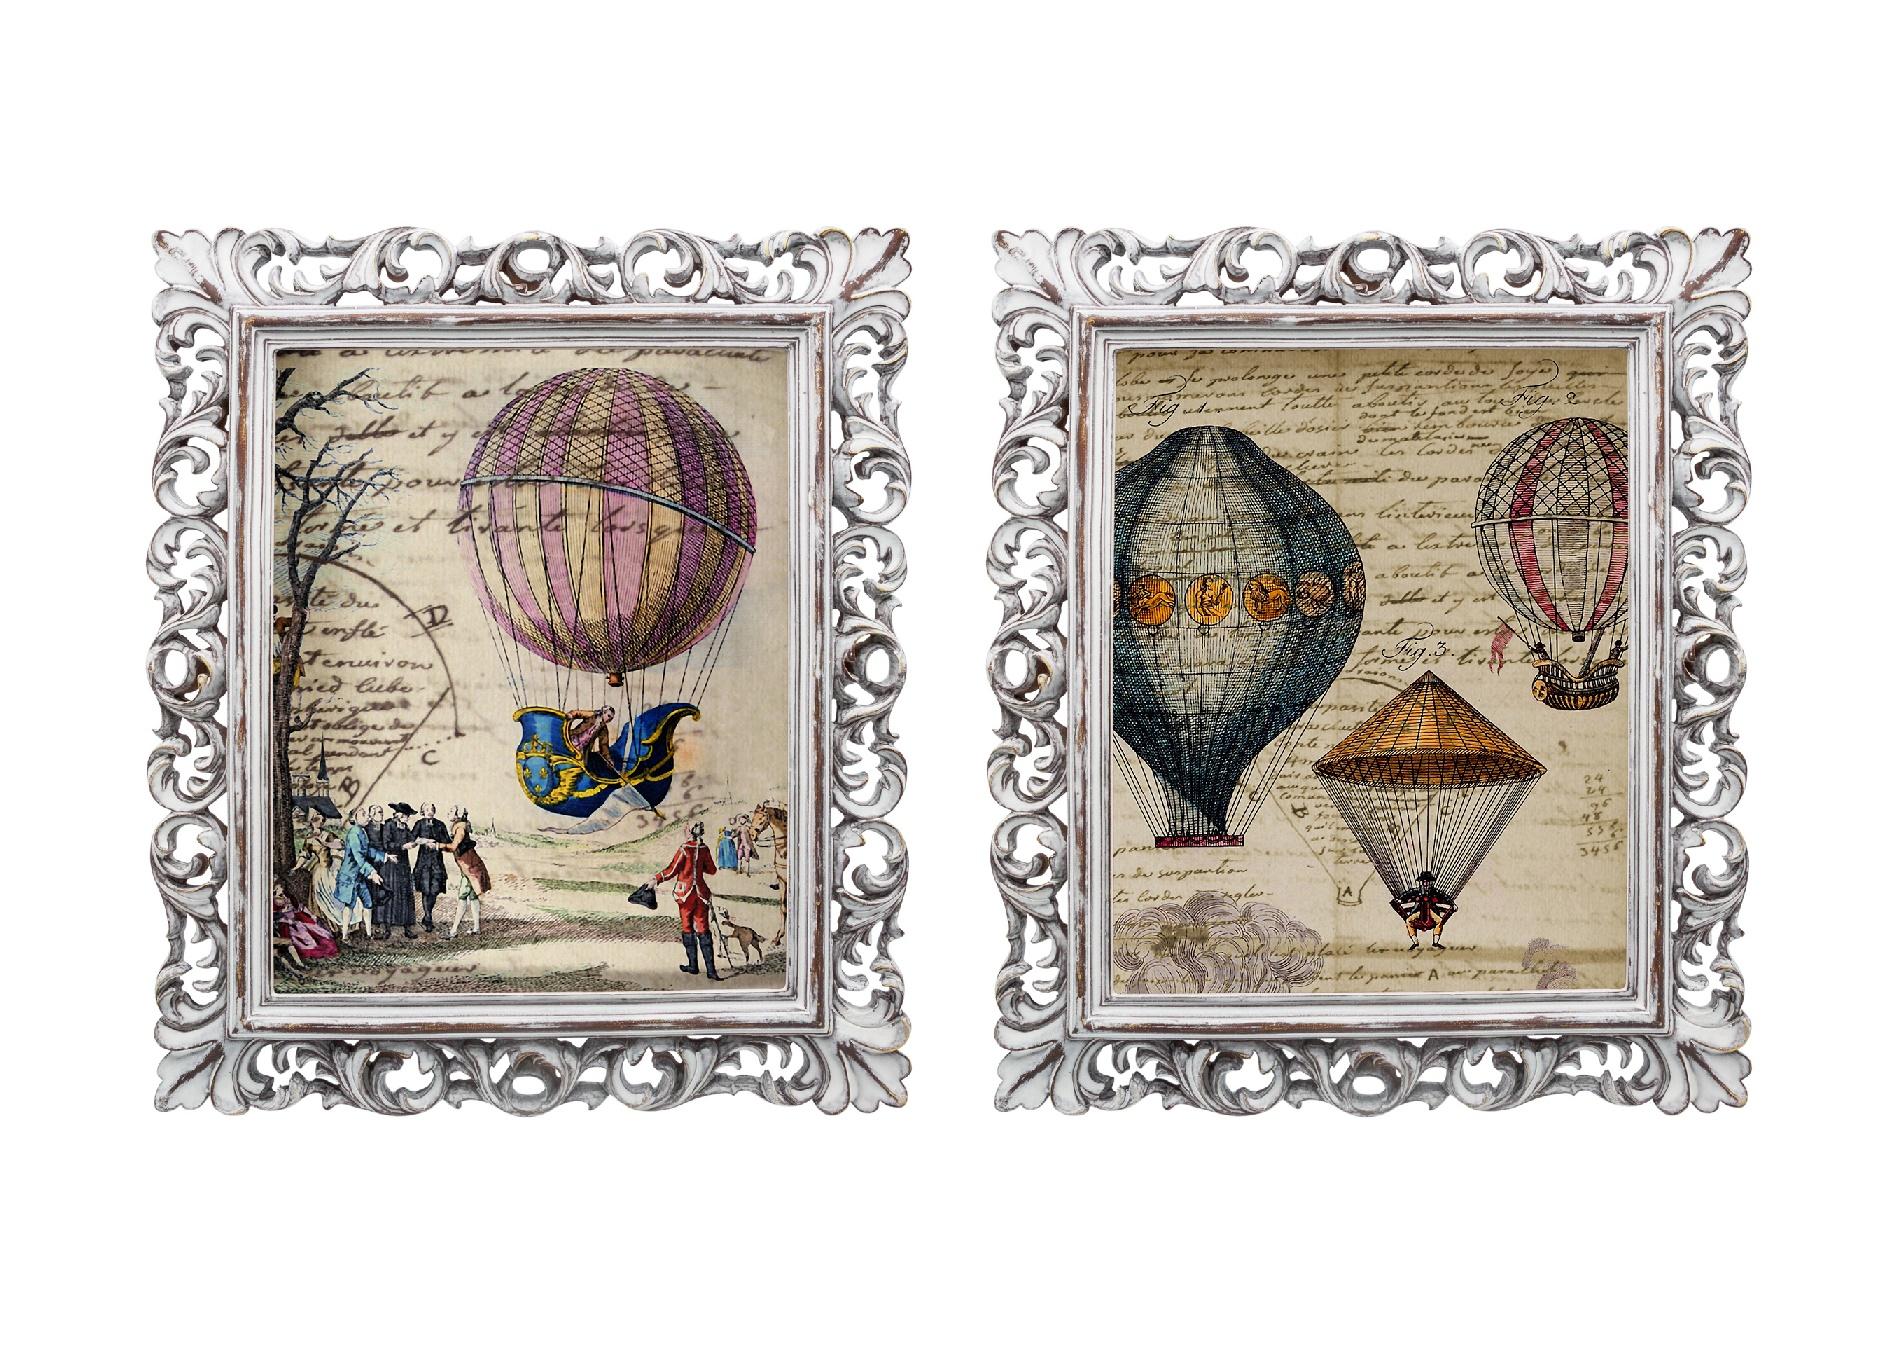 Набор из двух репродукций старинных картин в раме Мадлен. Сказочное путешествиеКартины<br>Уникальные старинные изображения «Сказочное путешествие» в окружении изящных рам создадут особую романтическую атмосферу. Старинные воздушные шары, словно «машина времени», приглашают в увлекательное путешествие в прошлые времена. Изображения обрамлены винтажными рамами, искусная техника состаривания придает изделию особую теплоту и загадочность. Благородная патина на поверхности рамы — интригующее приглашение к прогулке в мир старинных реликвий! Изображение картины наполнено уникальными эмоциями и тайной, скрытой под кристально прозрачным стеклом. Картину можно повесить на стену, а можно поставить, например, на стол или камин. Защитный стеклянный слой гарантирует долгую жизнь прекрасному изображению. А если Вам захочется обновить интерьер, Вы можете с легкостью заменить изображение картины!&amp;lt;div&amp;gt;&amp;lt;br&amp;gt;&amp;lt;/div&amp;gt;<br><br>Material: Бумага<br>Width см: 28,8<br>Depth см: 2,3<br>Height см: 33,8